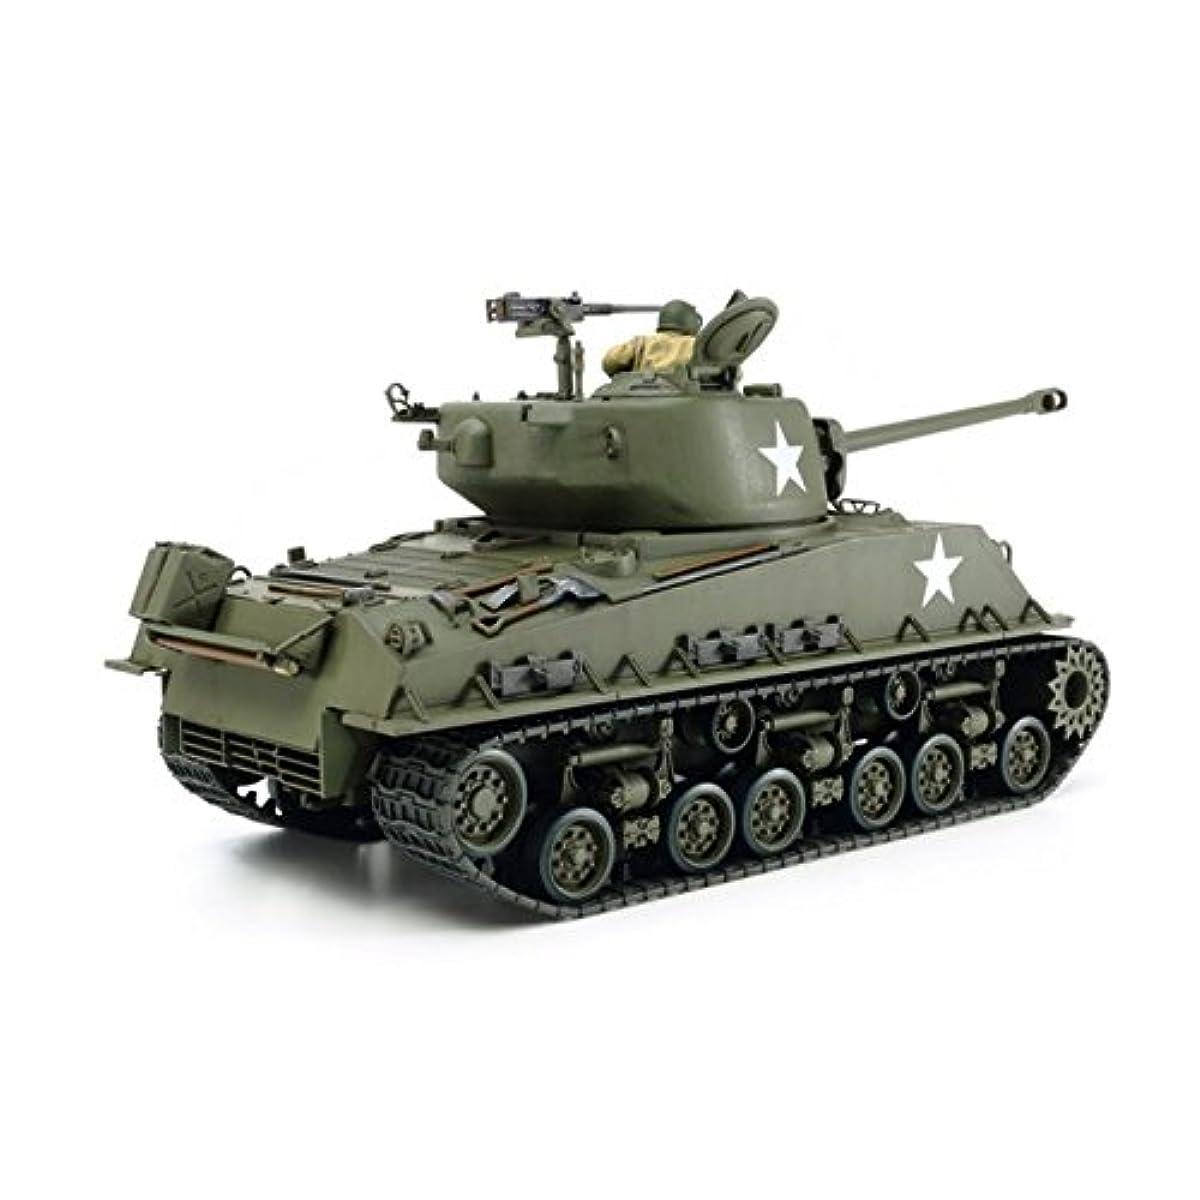 [해외] 퍼터미야 1/35 밀리터리 미니어쳐 시리즈 NO.346 미국 육군 전차 M4A3E8 샤먼 이지 에이트 유럽 전선 프라모델  35346